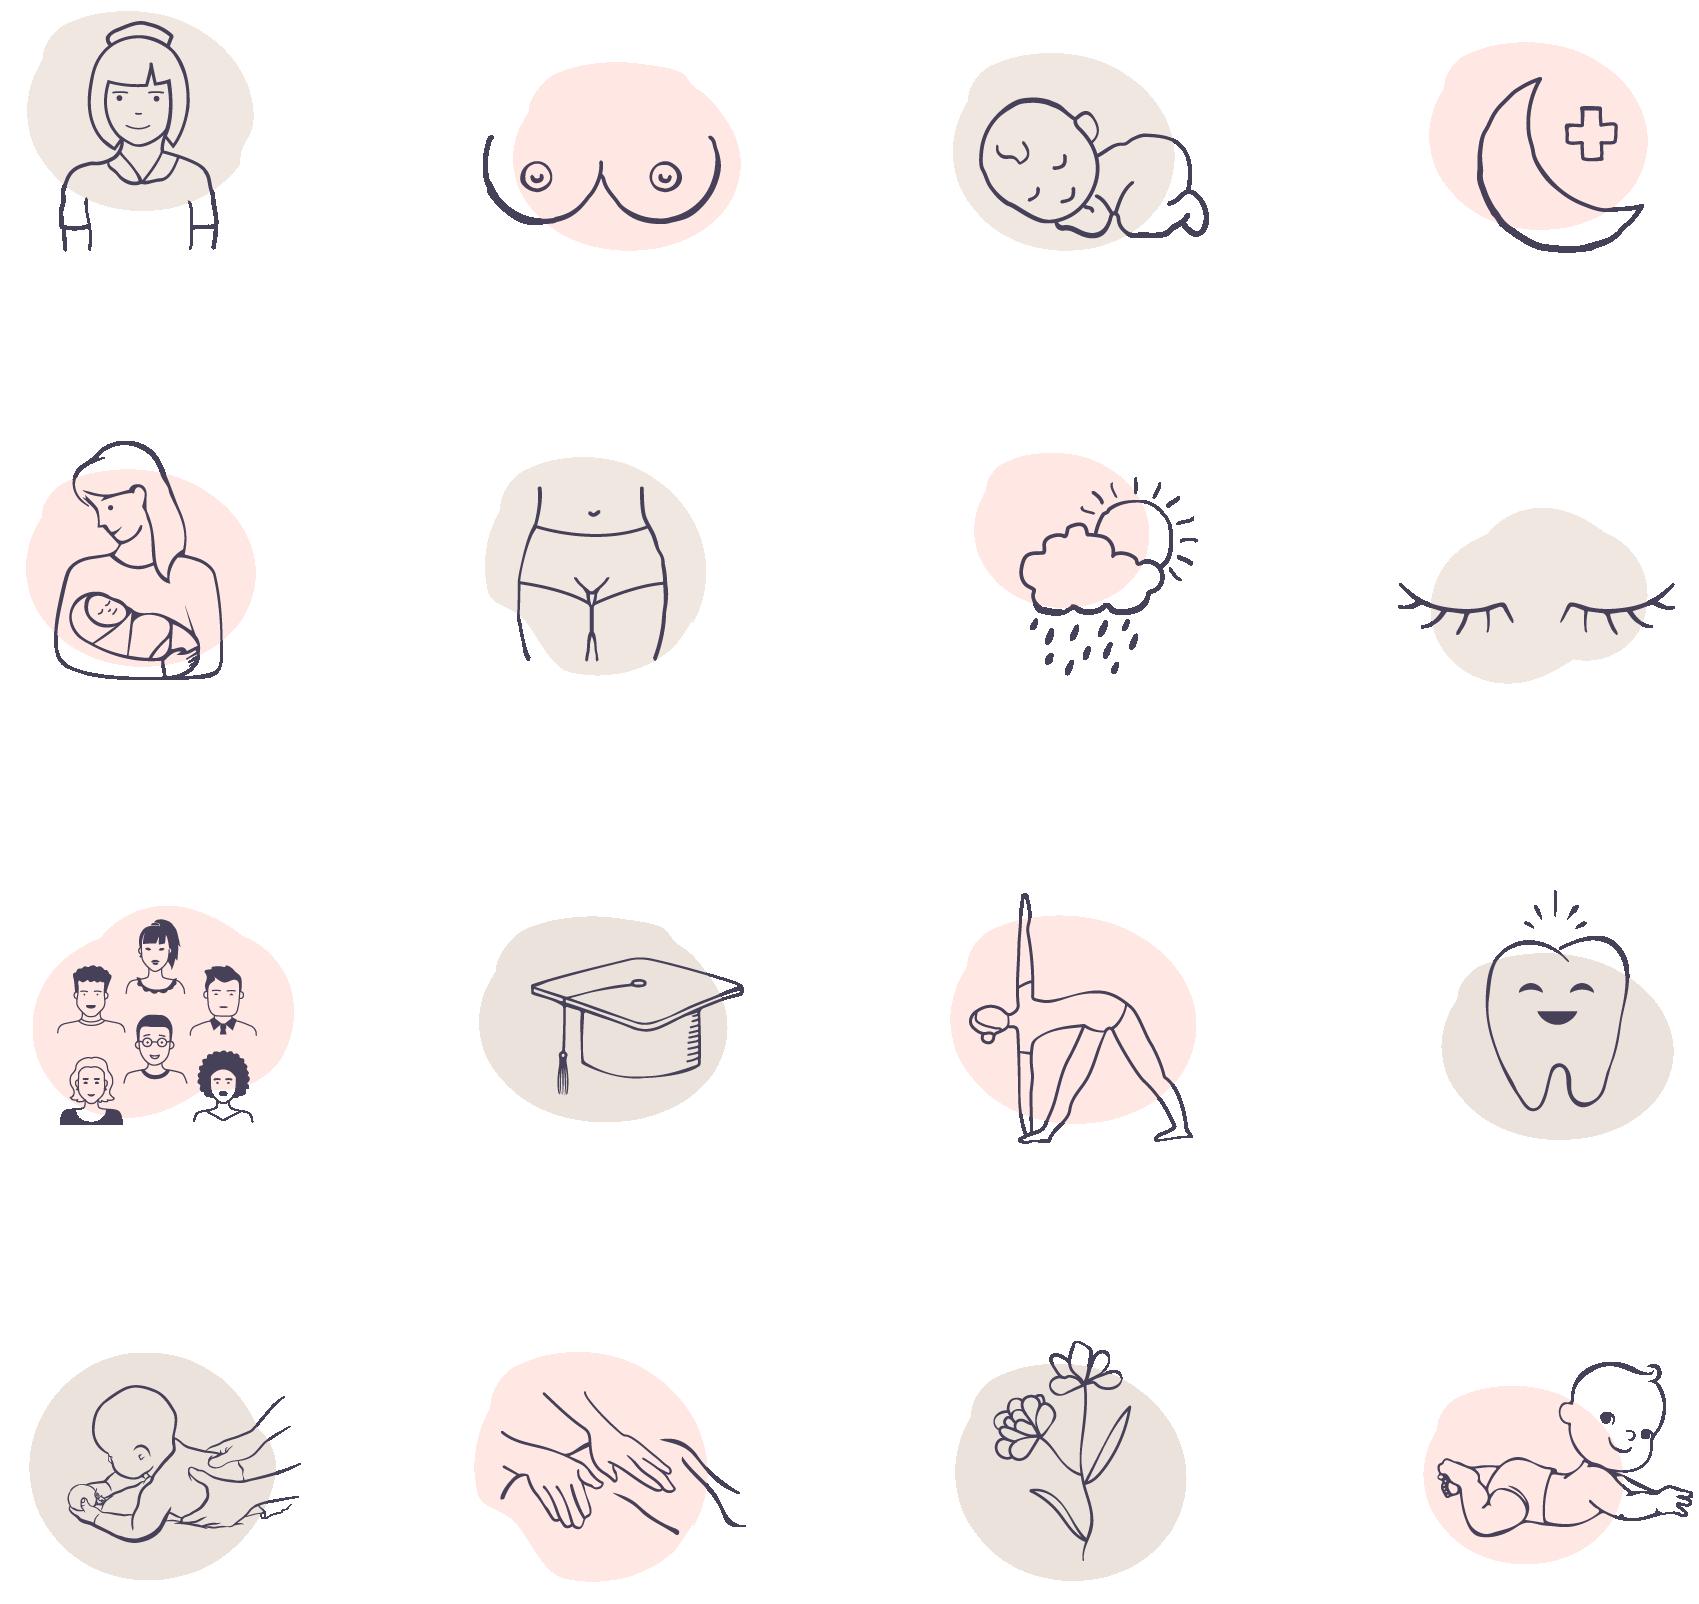 icons-1@3x